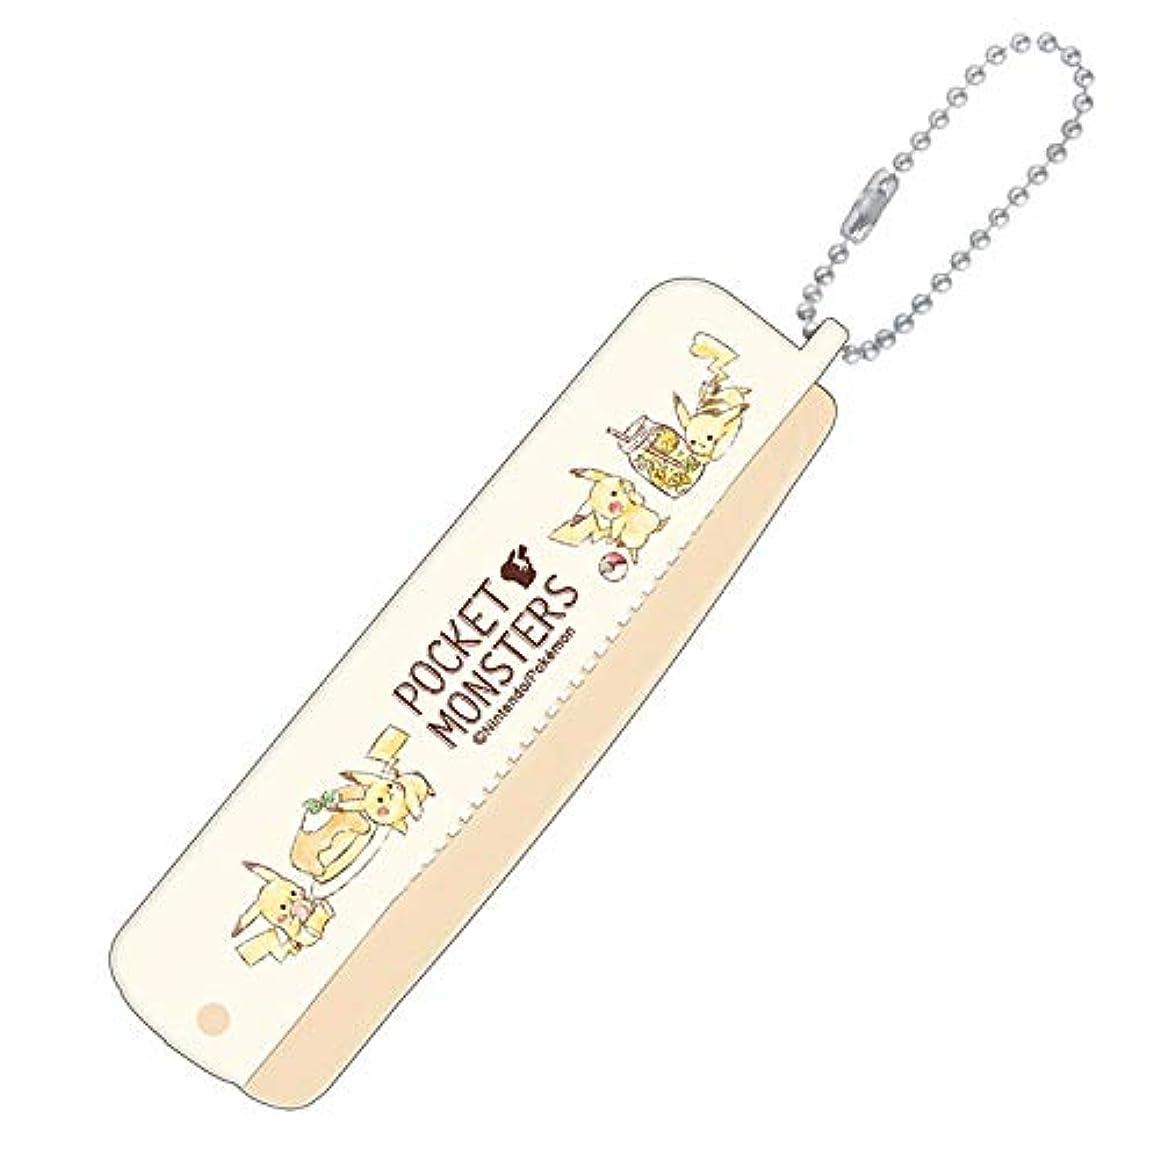 【ポケットモンスター】折りブラシ&コーム(カフェ) 099049